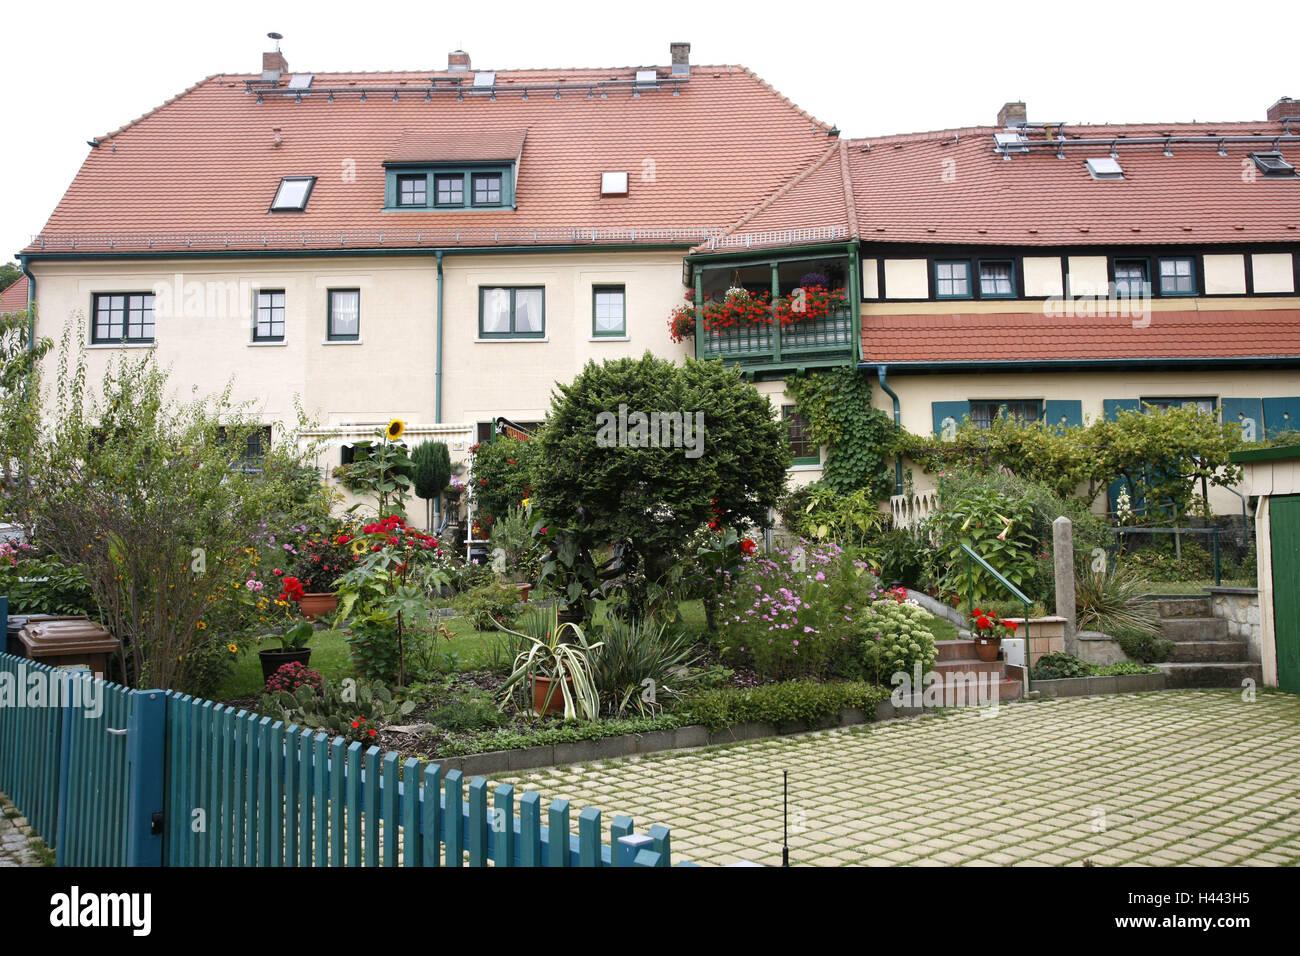 Deutschland, Sachsen, Dresden, Hellerau, Gartenstadt, Häuser, Gärten ...